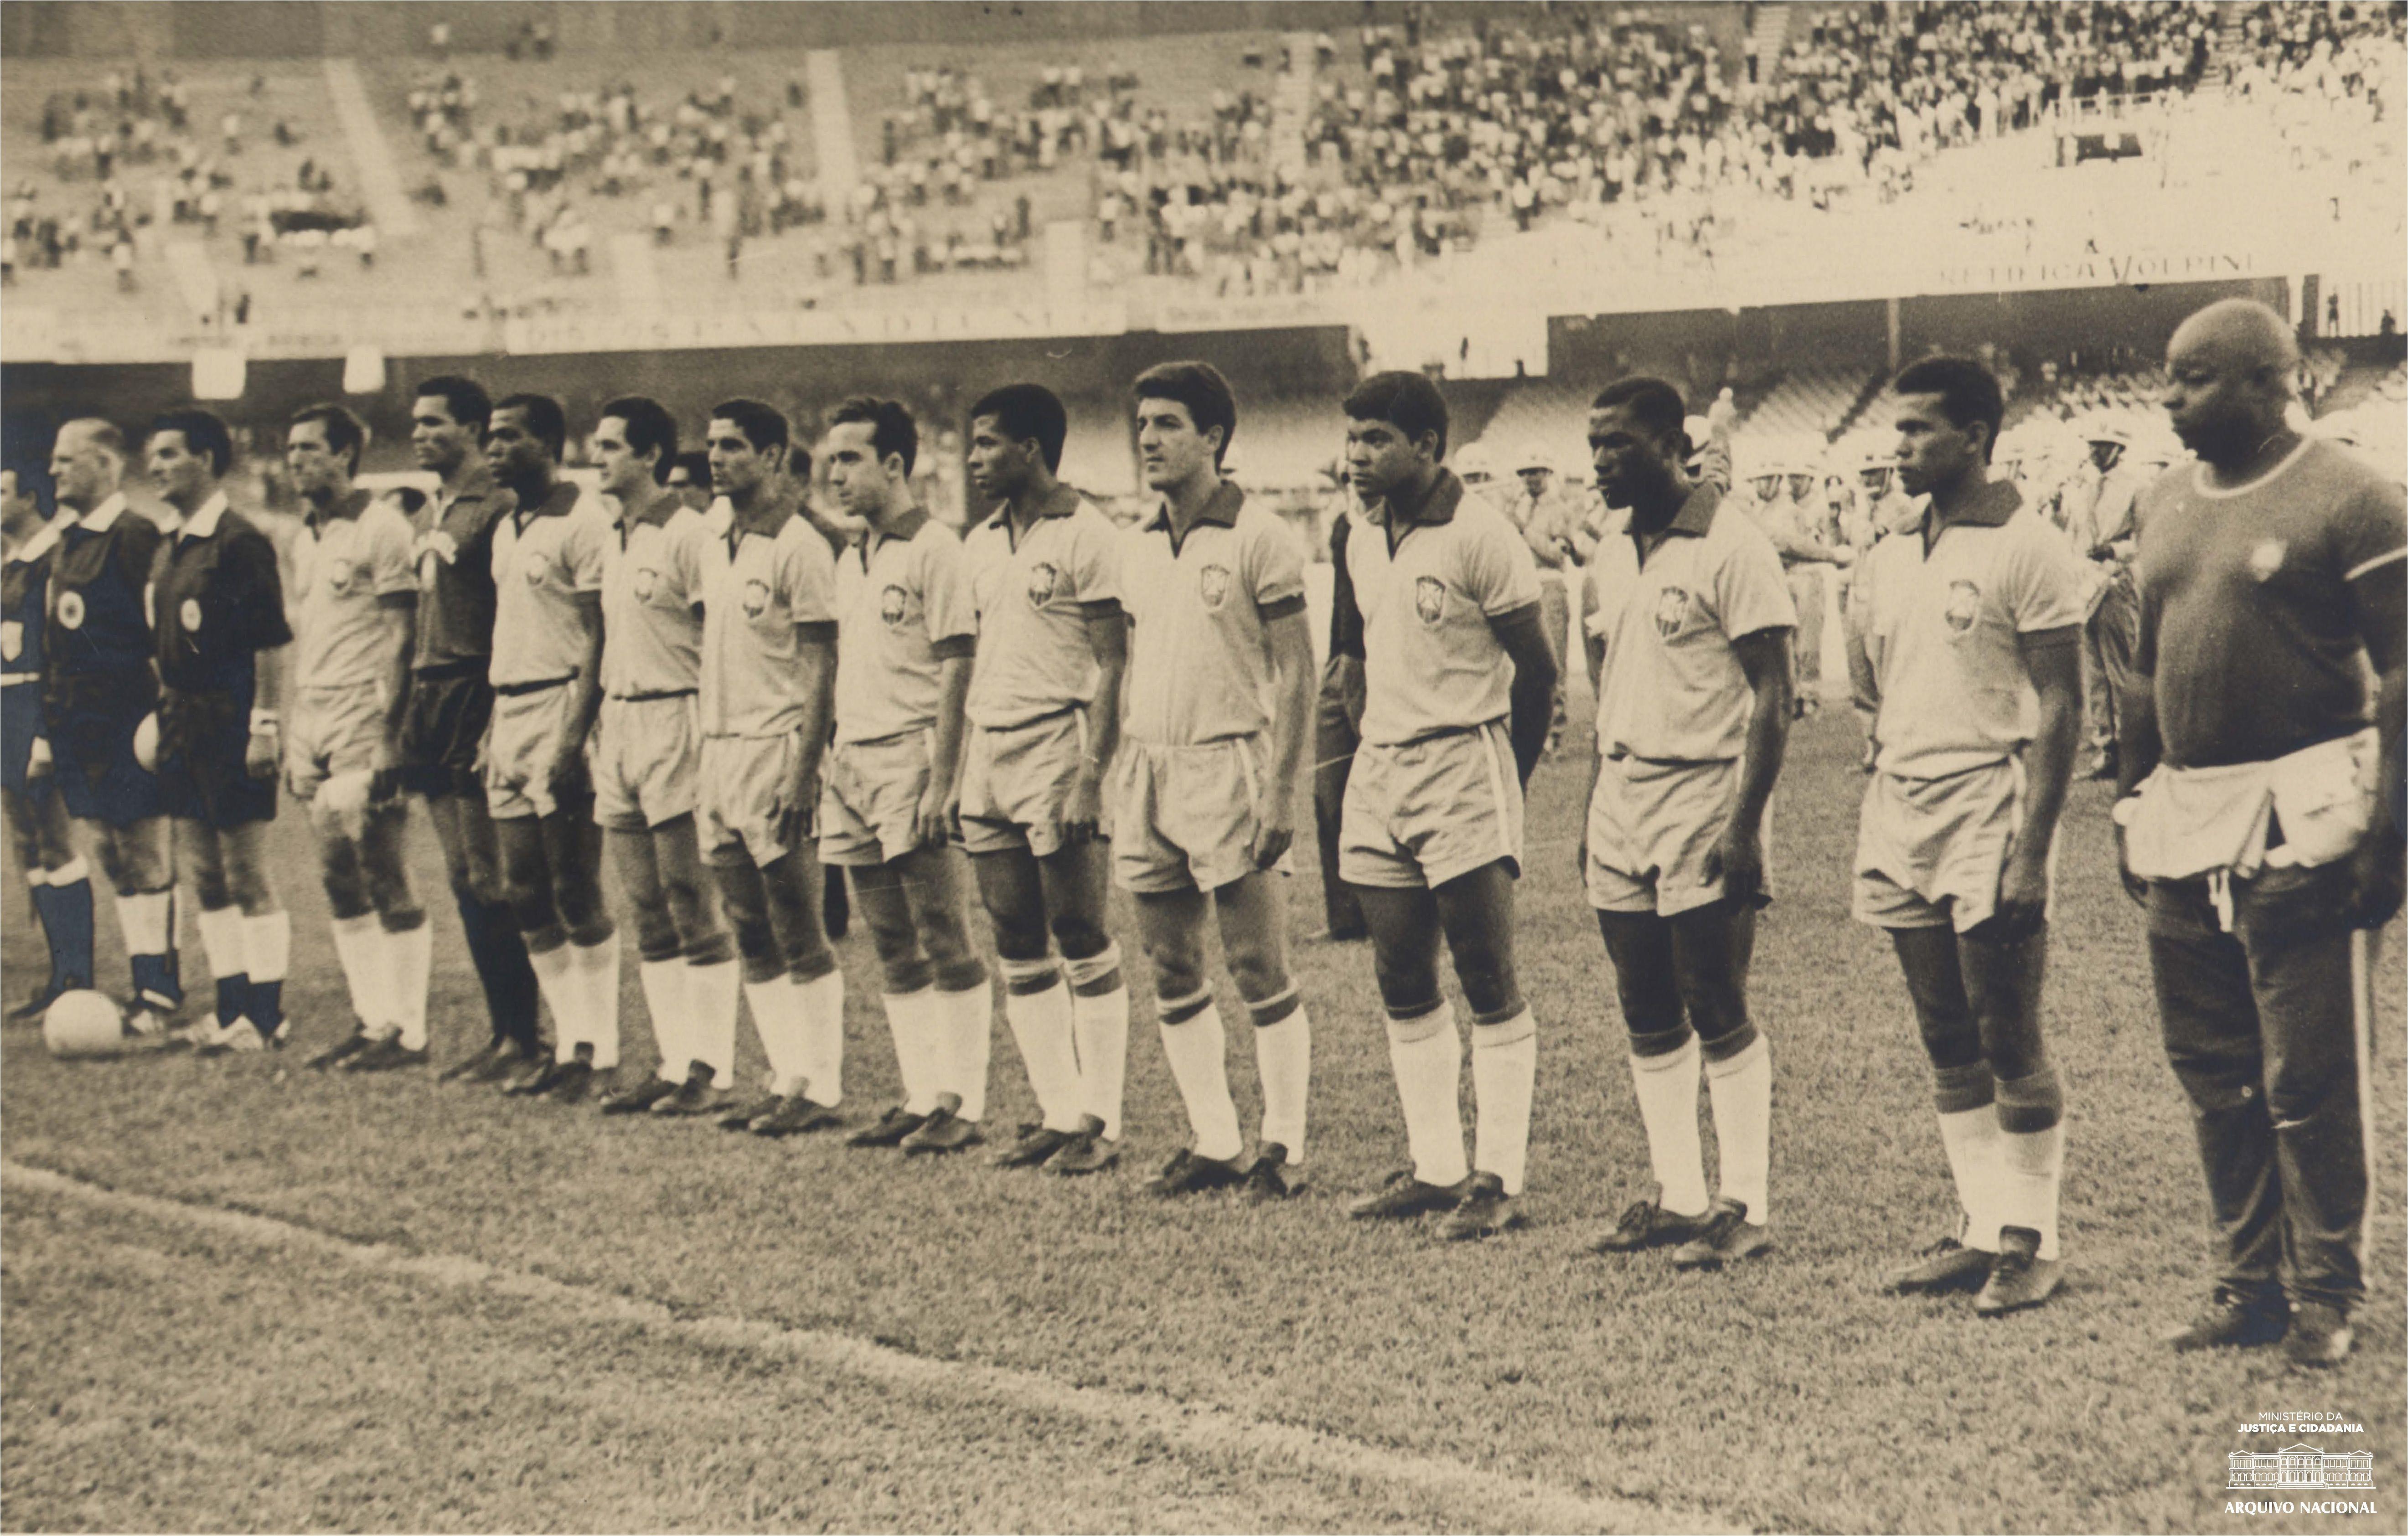 Seleção Brasileira De Futebol Antes Do Jogo Amistoso Contra A Polônia No Mineirão O Resultado Do Jogo Foi Brasil 4 X 1 Polôn School Football Brazil Football